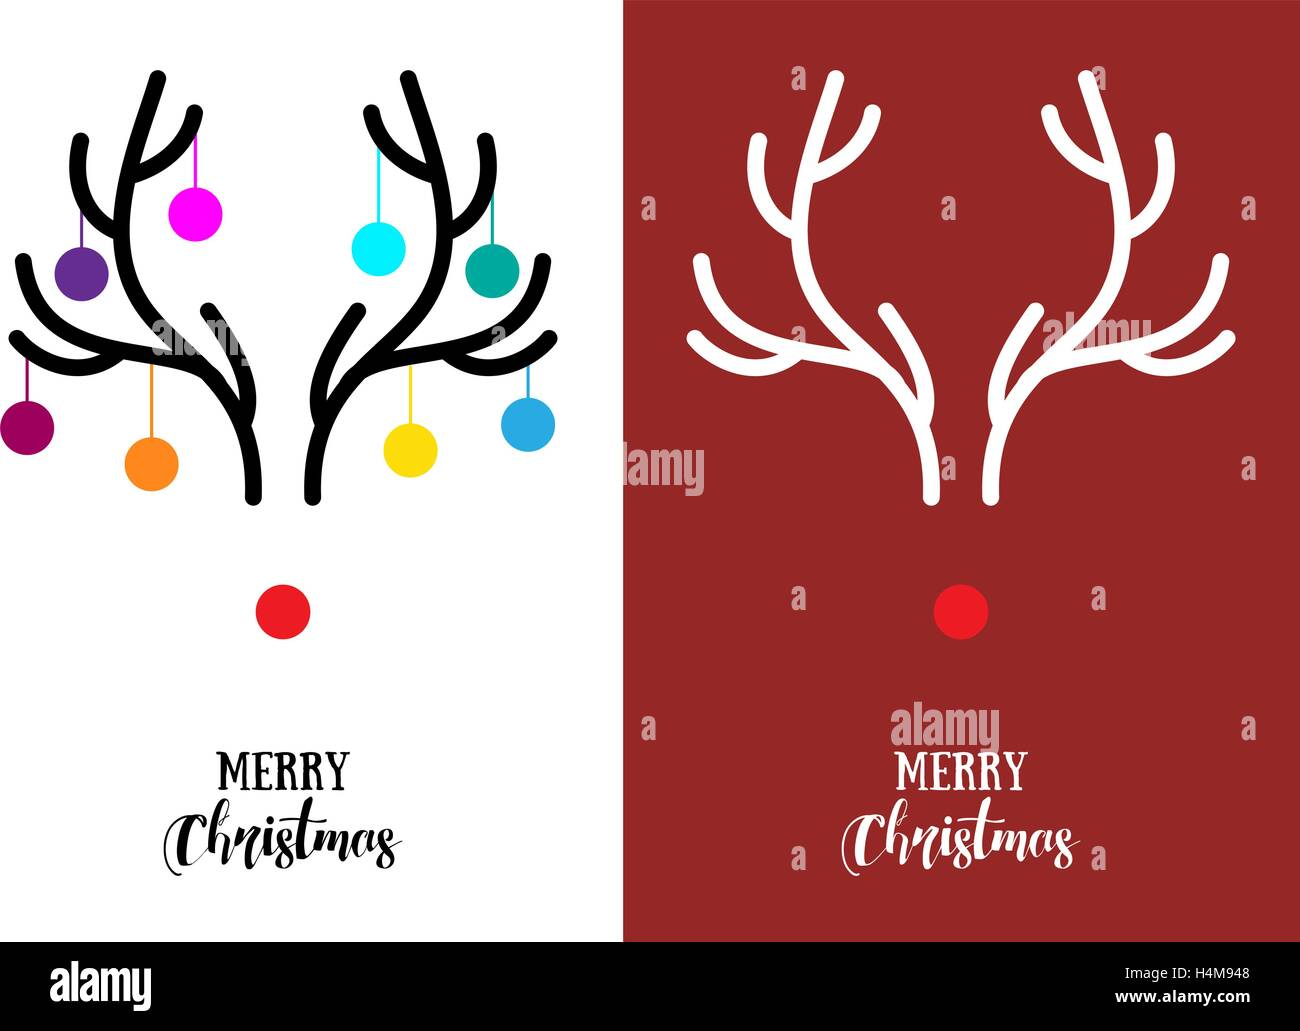 Moderne Weihnachtskarten.Schlichte Moderne Weihnachtskarten Mit Roter Nase Rentier